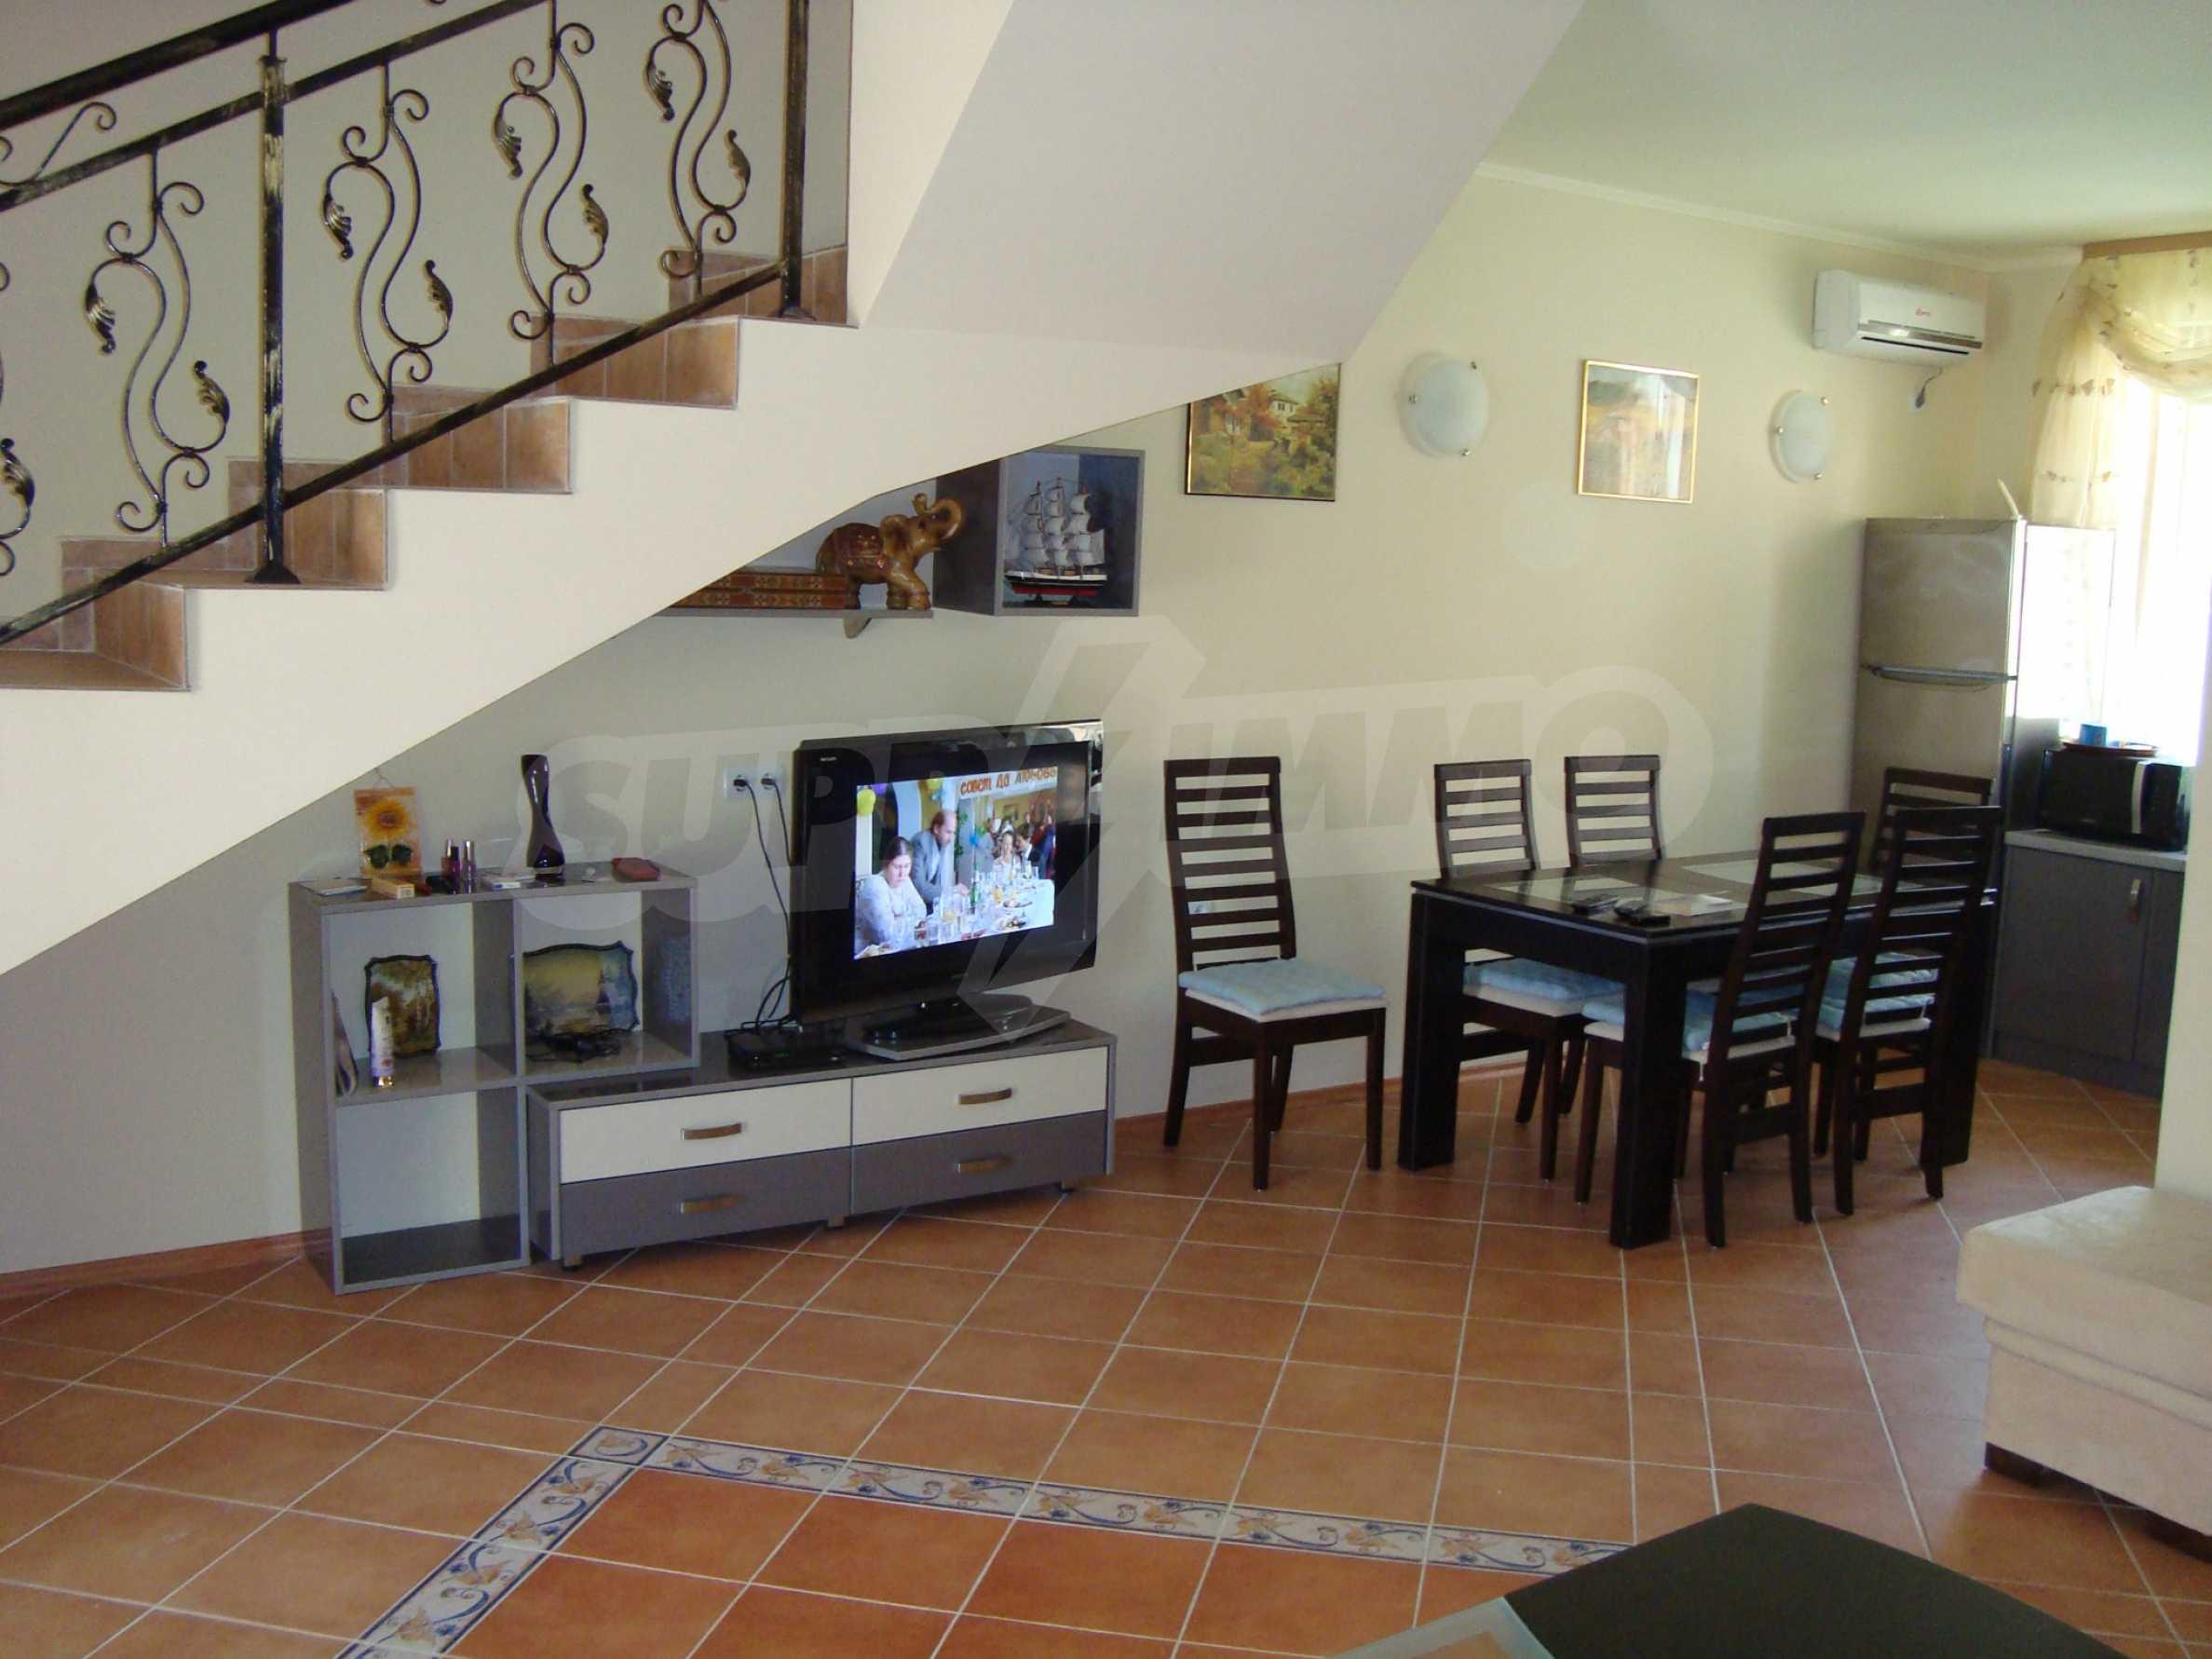 2-stöckige Villa zum Verkauf in Elenite Feriendorf, 8